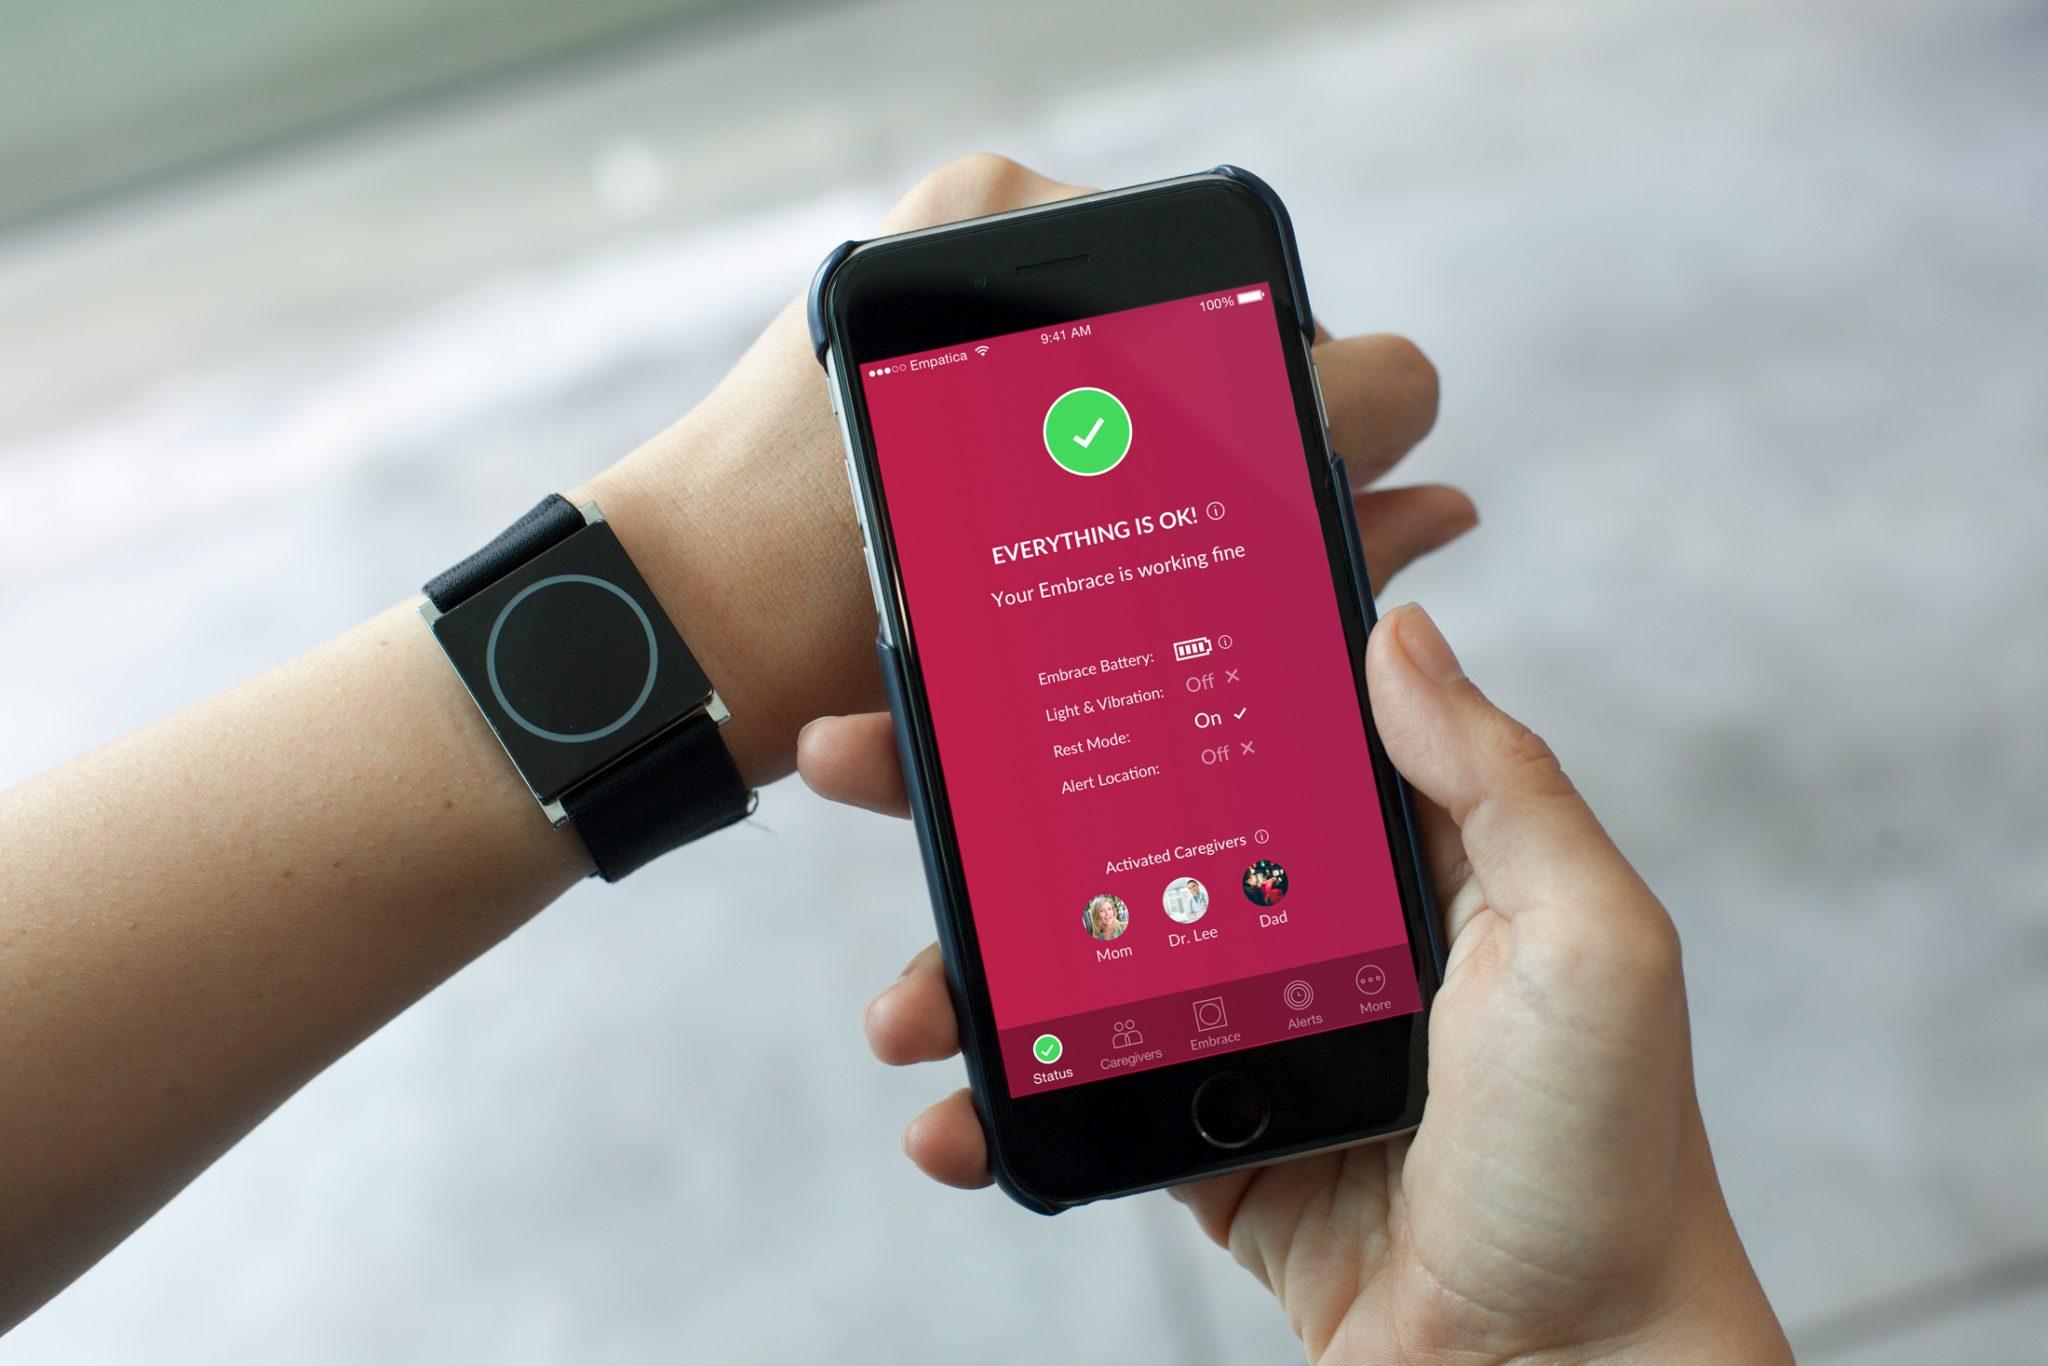 Orologio e telefono collegati per combattere l'epilessia